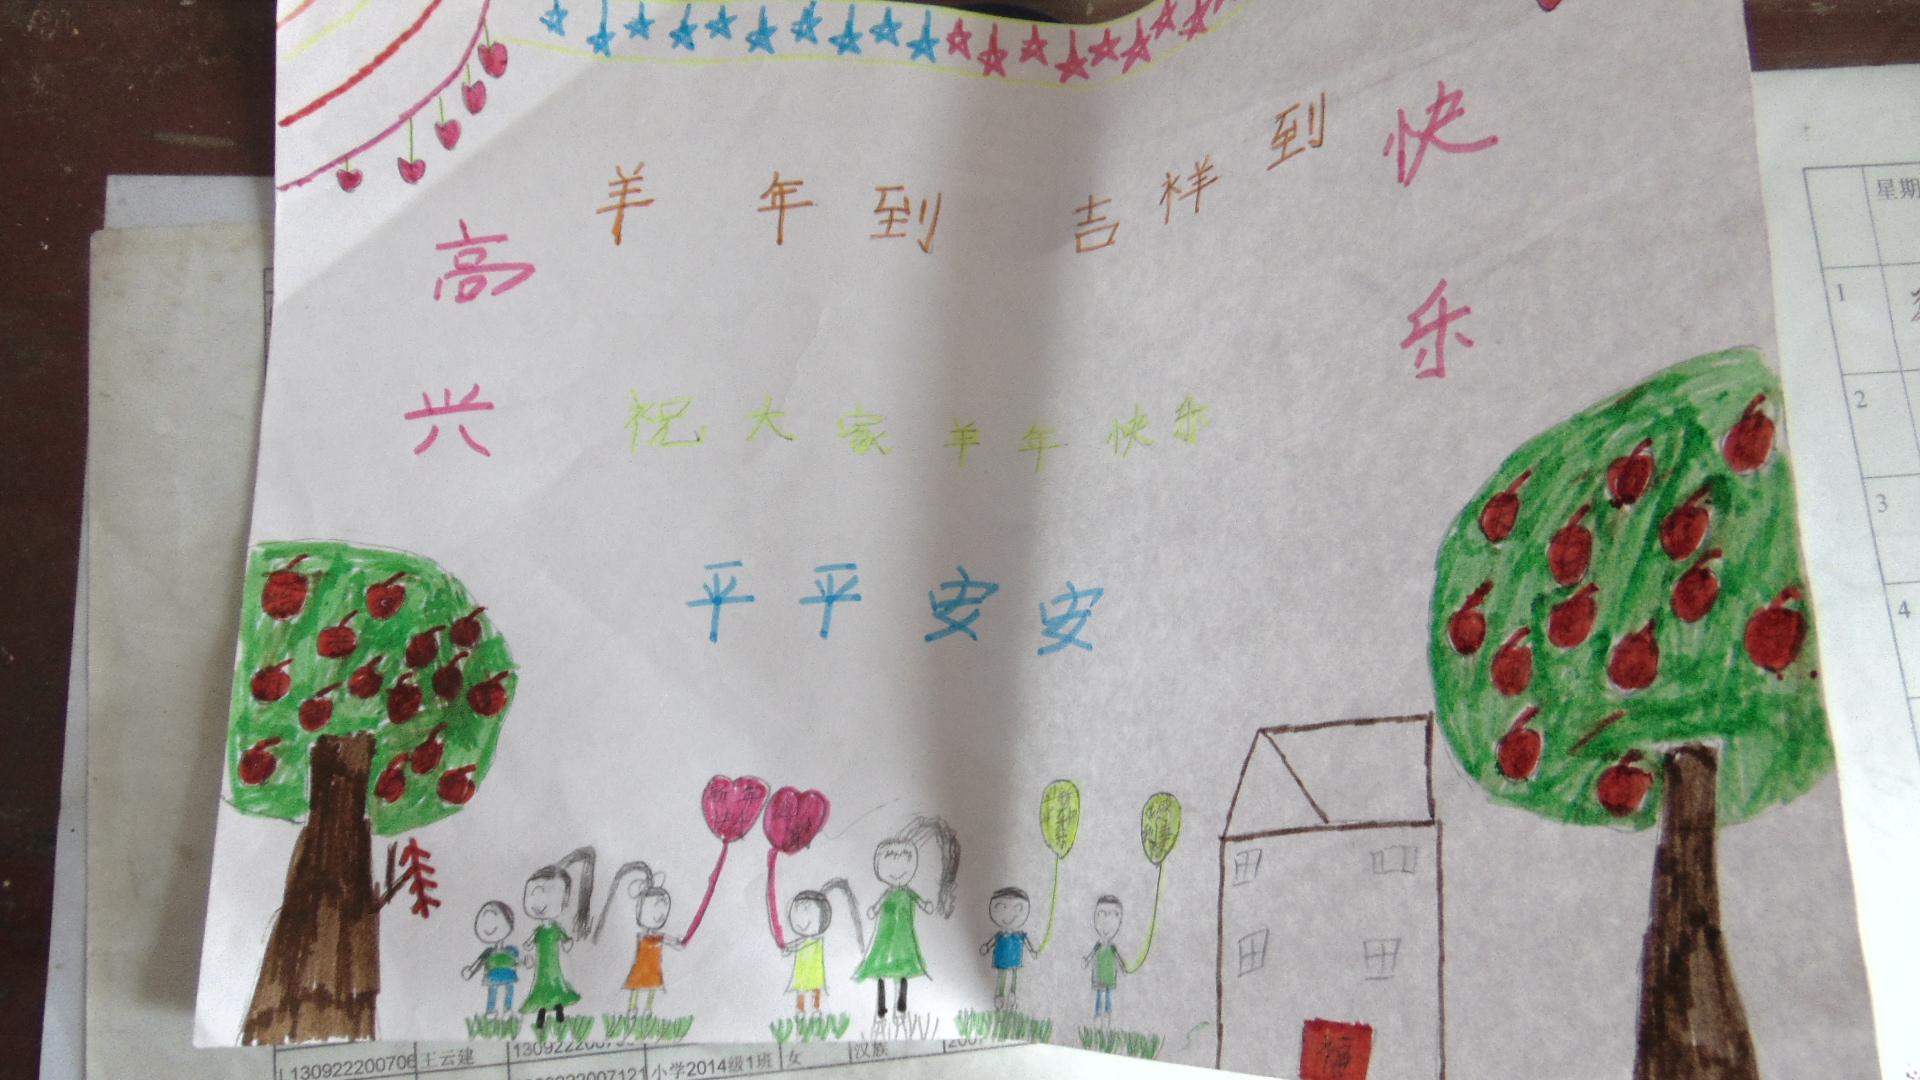 植树节手抄报 - 各地中小学开学典礼交流专题 - 活动